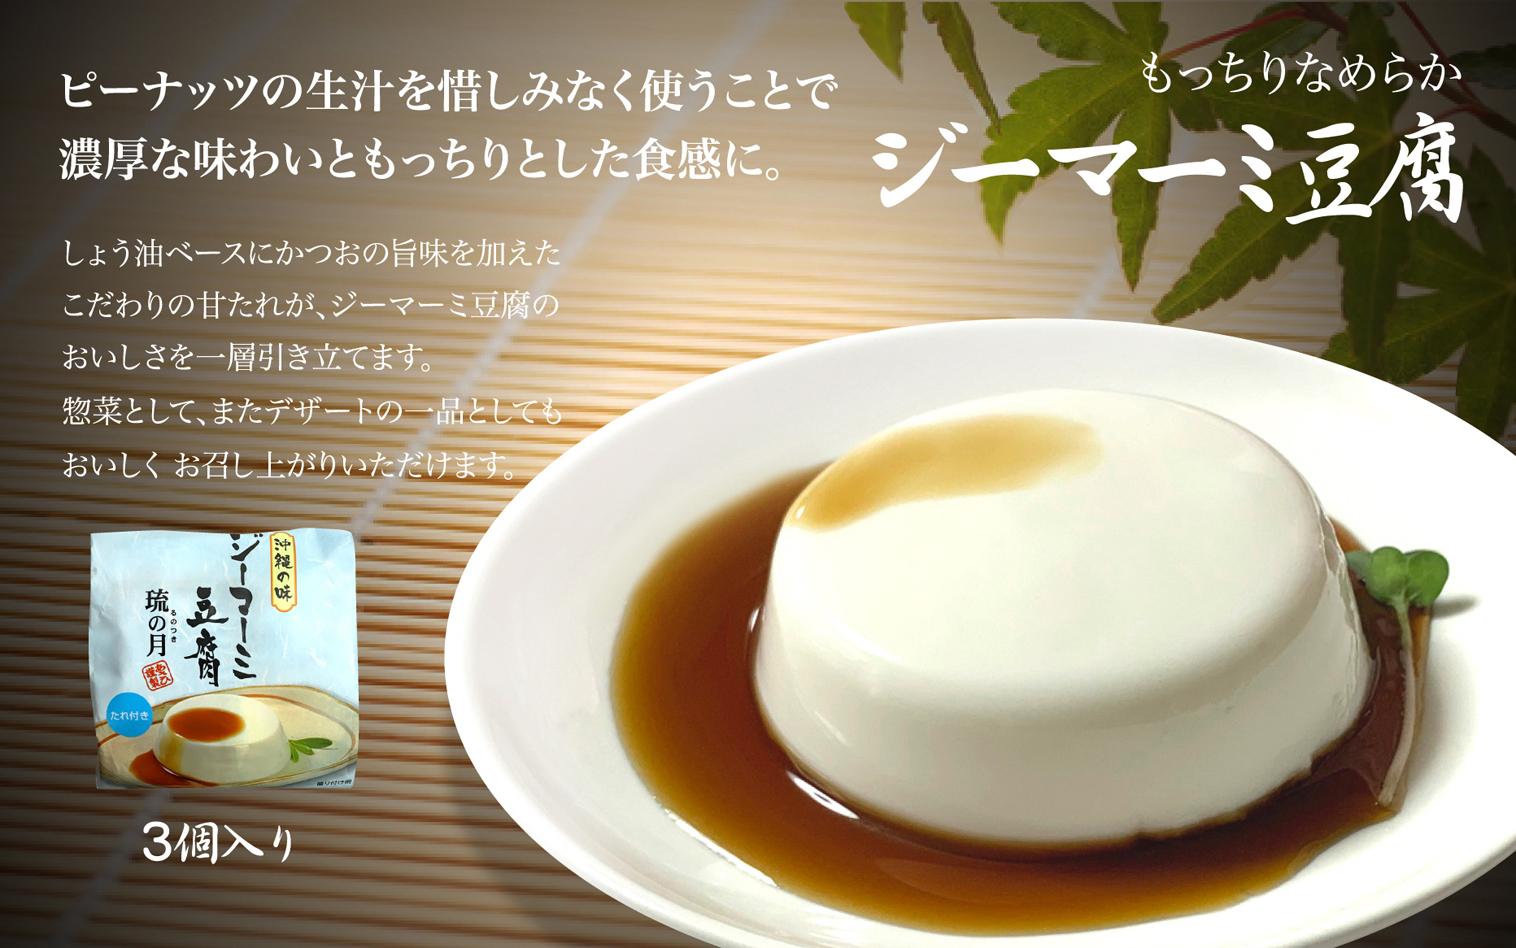 ジーマーミ豆腐 盛り付けバナー